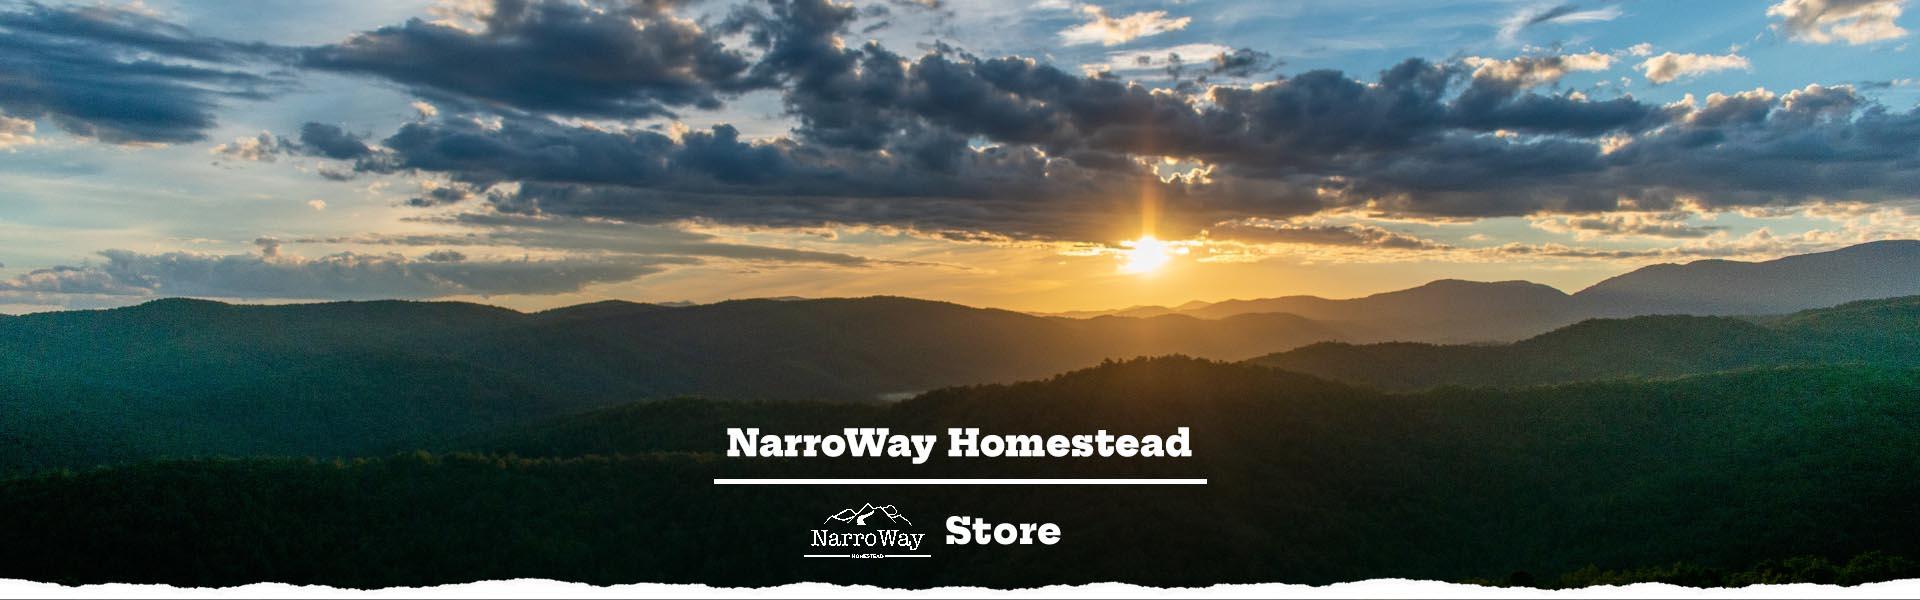 narroway-banner.jpg